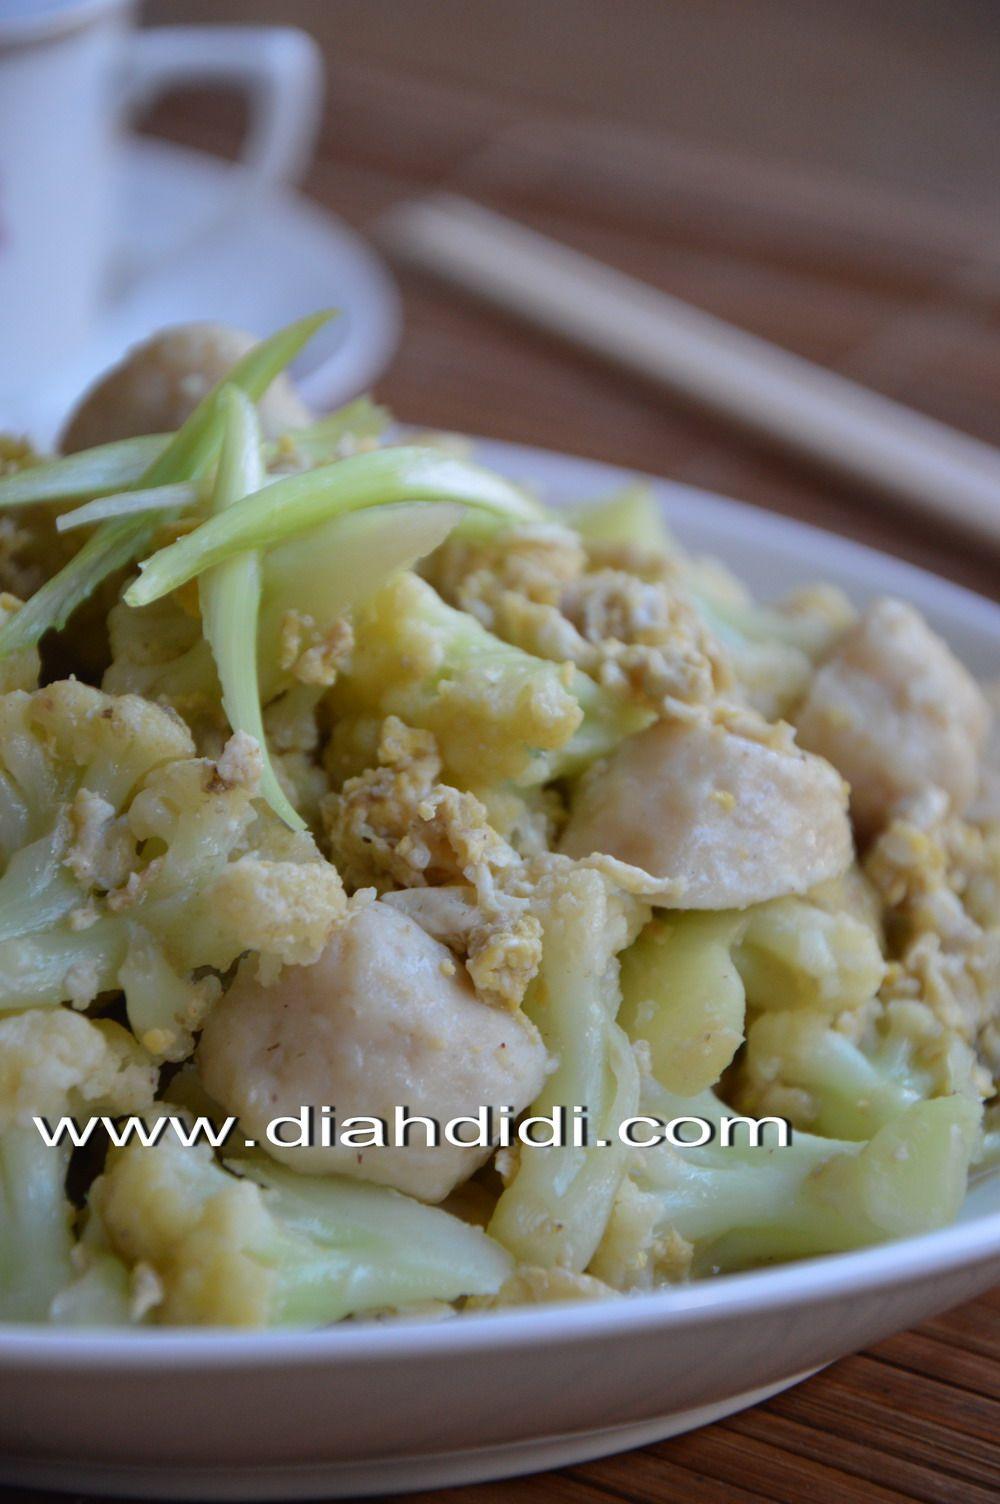 Menu Sarapan Mudah Dan Enak Orak Arik Bunga Kol Bakso Sarapan Resep Masakan Masakan